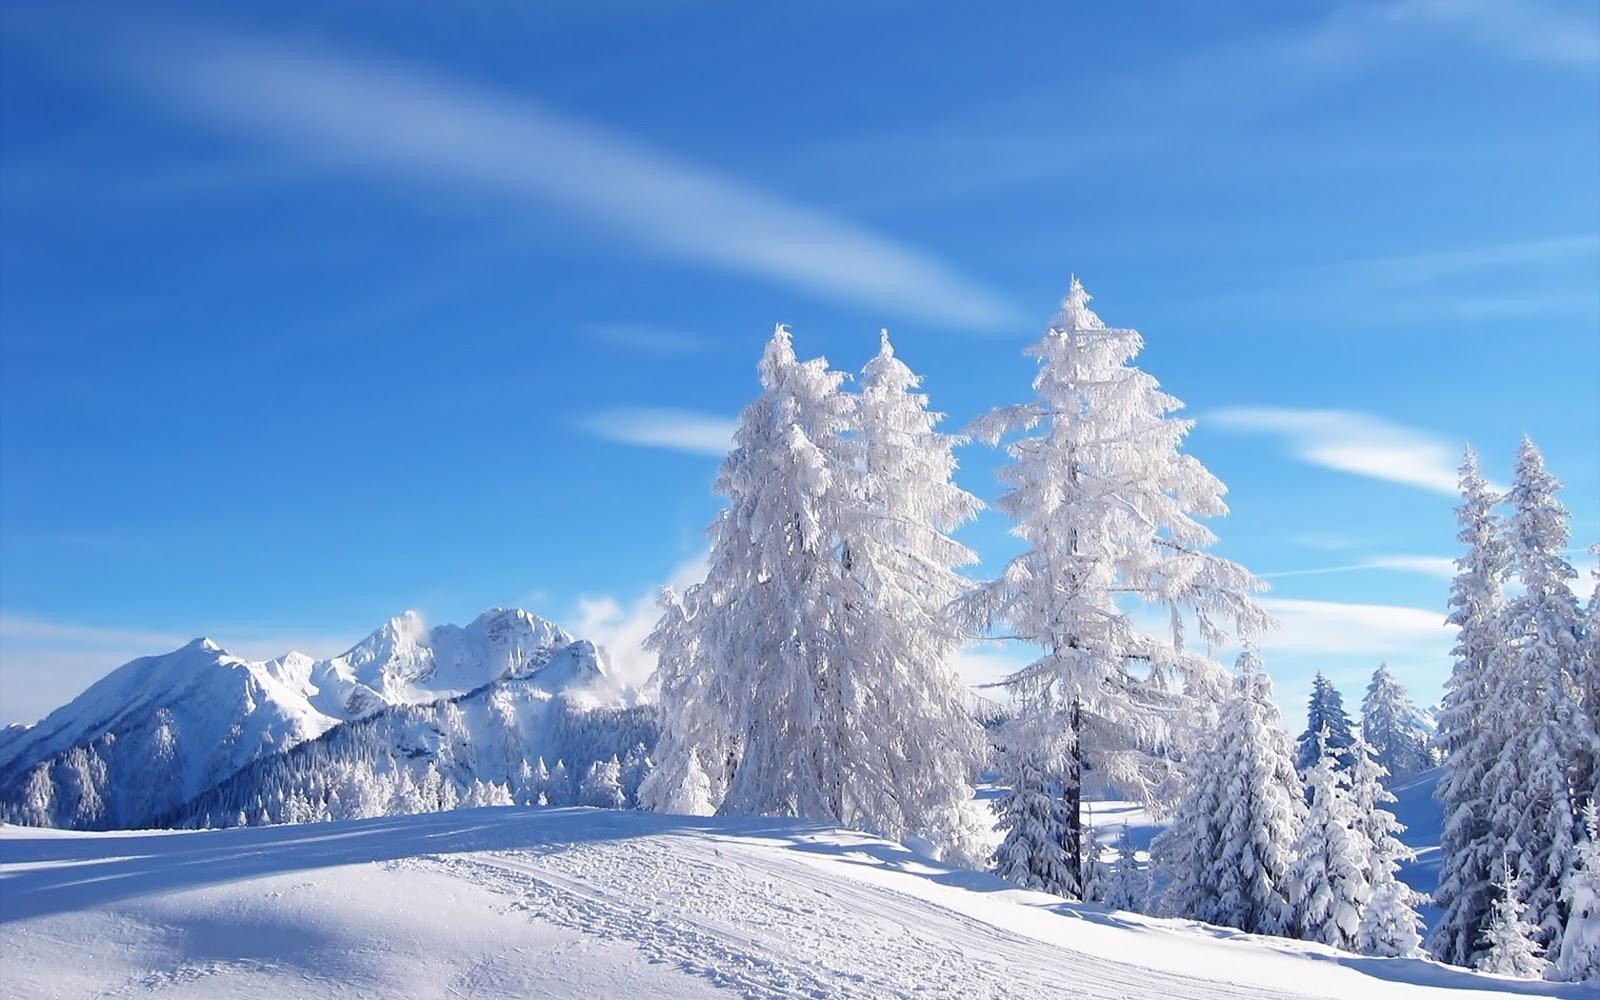 http://3.bp.blogspot.com/-fG2SW2hUQmg/TrdfzAePYlI/AAAAAAAAAao/Lv6qhzpUyvA/s1600/nature-Winter-Wallpapers-22.jpg